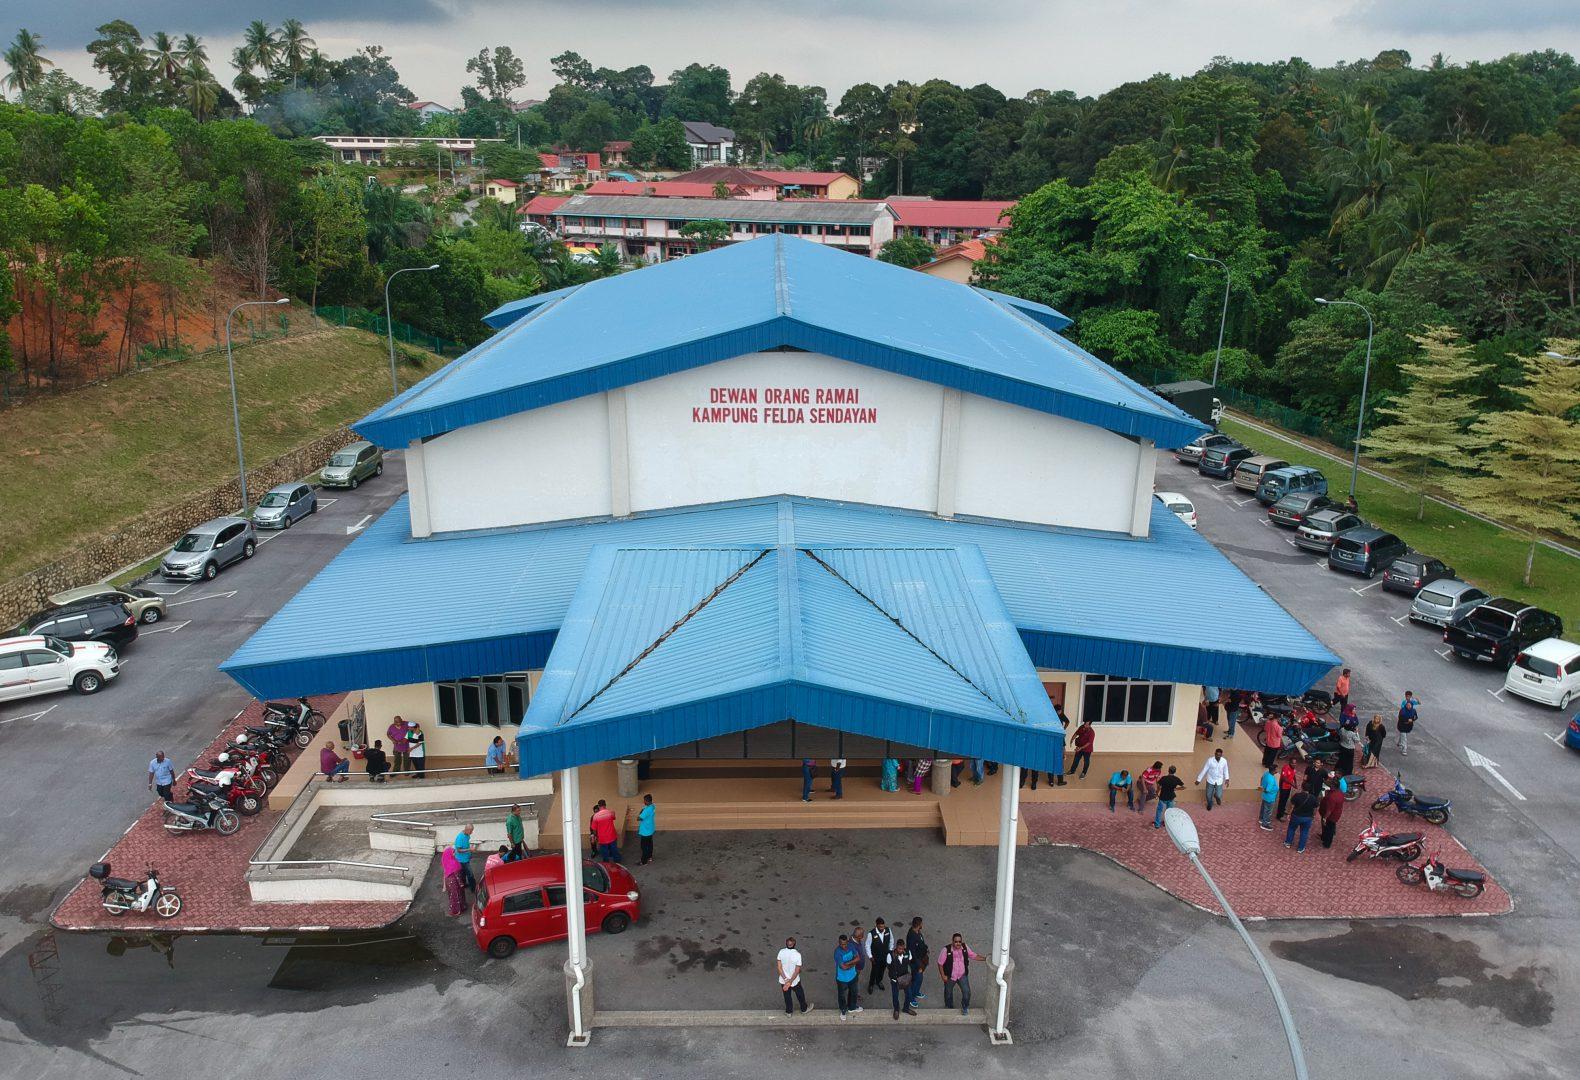 Jamuan Kesyukuran Rakyat Dun Rantau bersama MBNS